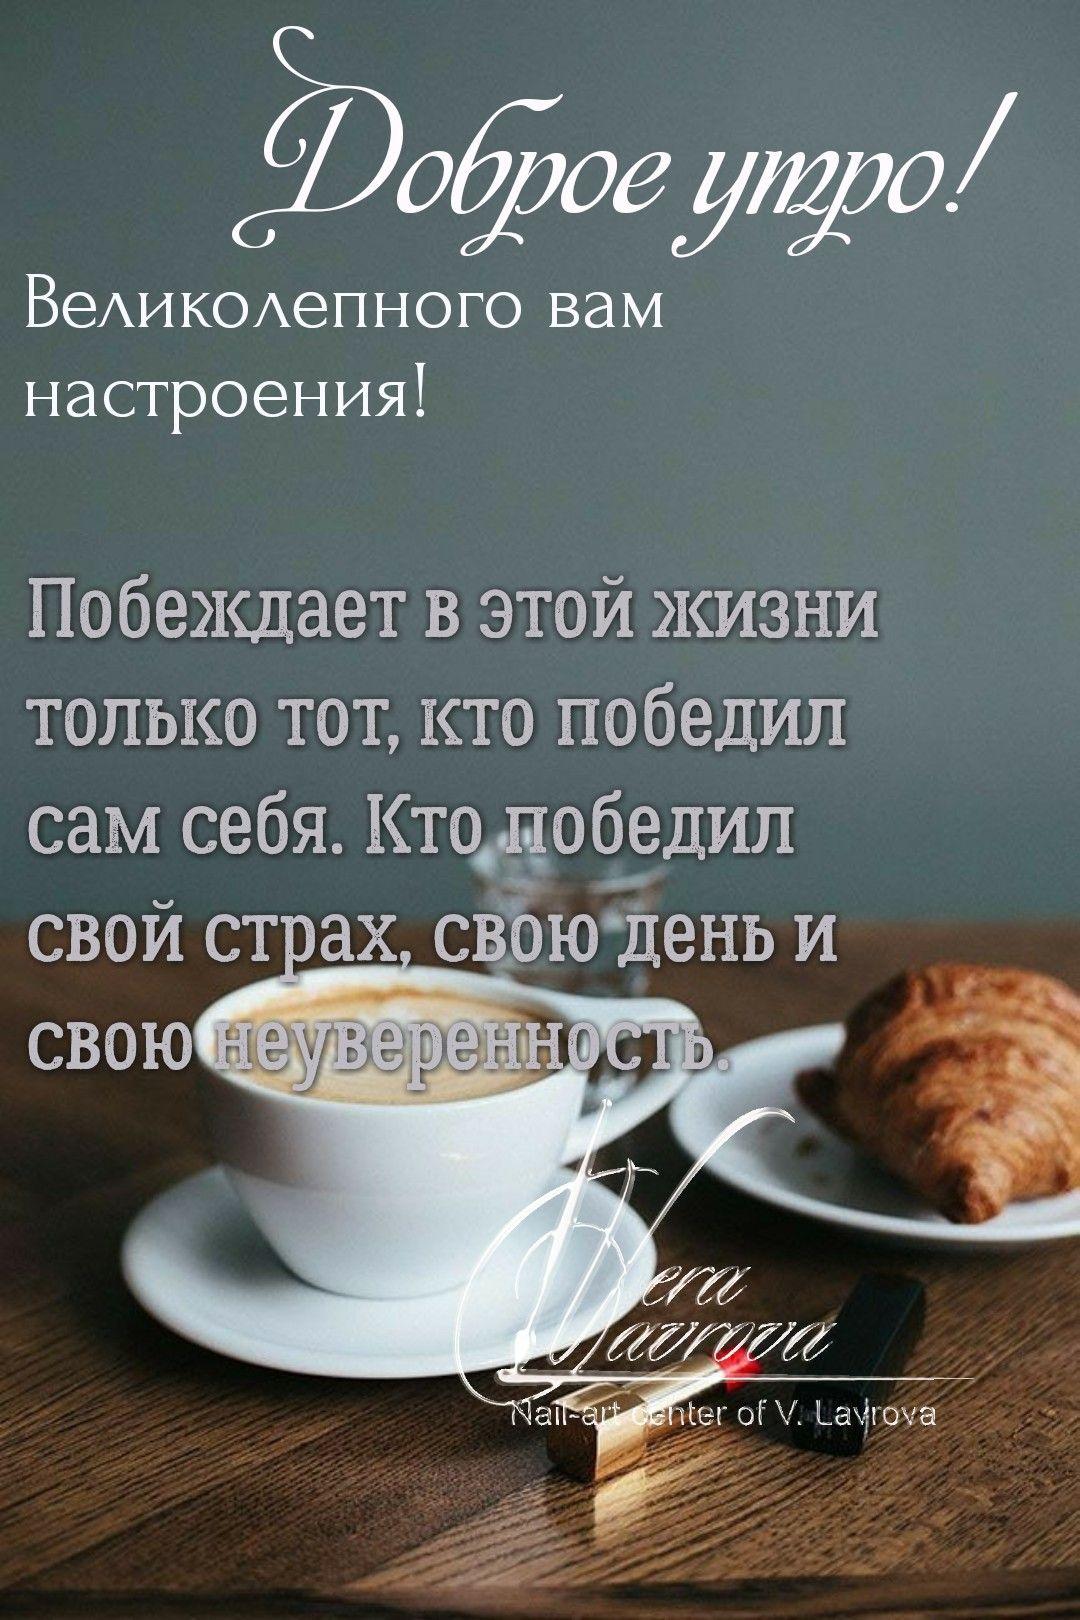 нет, красивая картинка с добрым утром и хорошего дня мотивирующие прежние